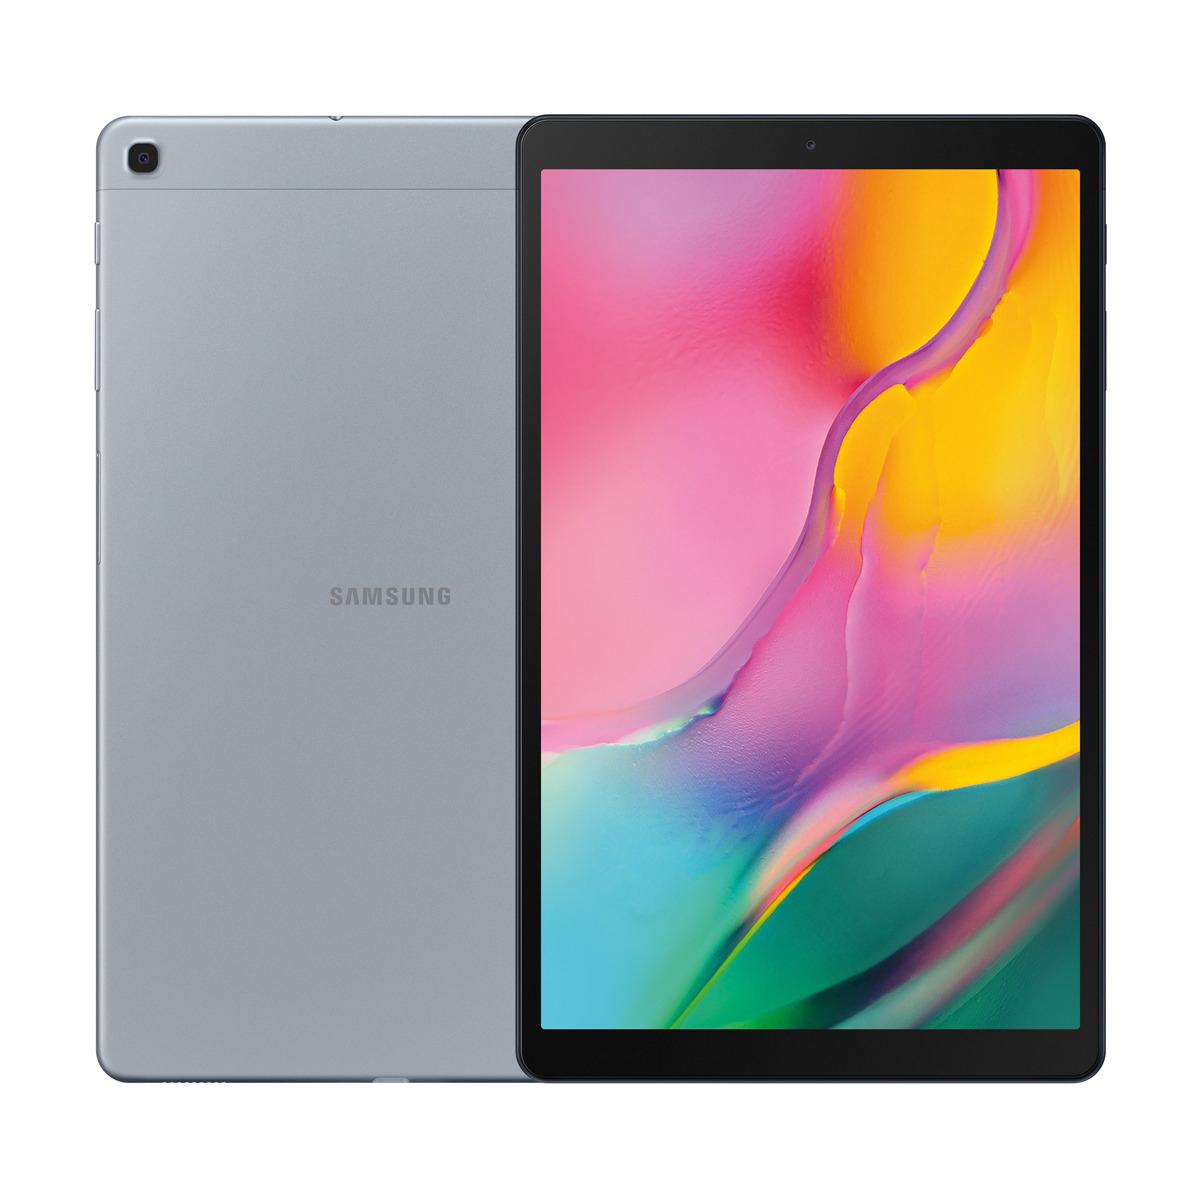 Tablet Samsung Galaxy TAB A 2019 64 GB WIFI